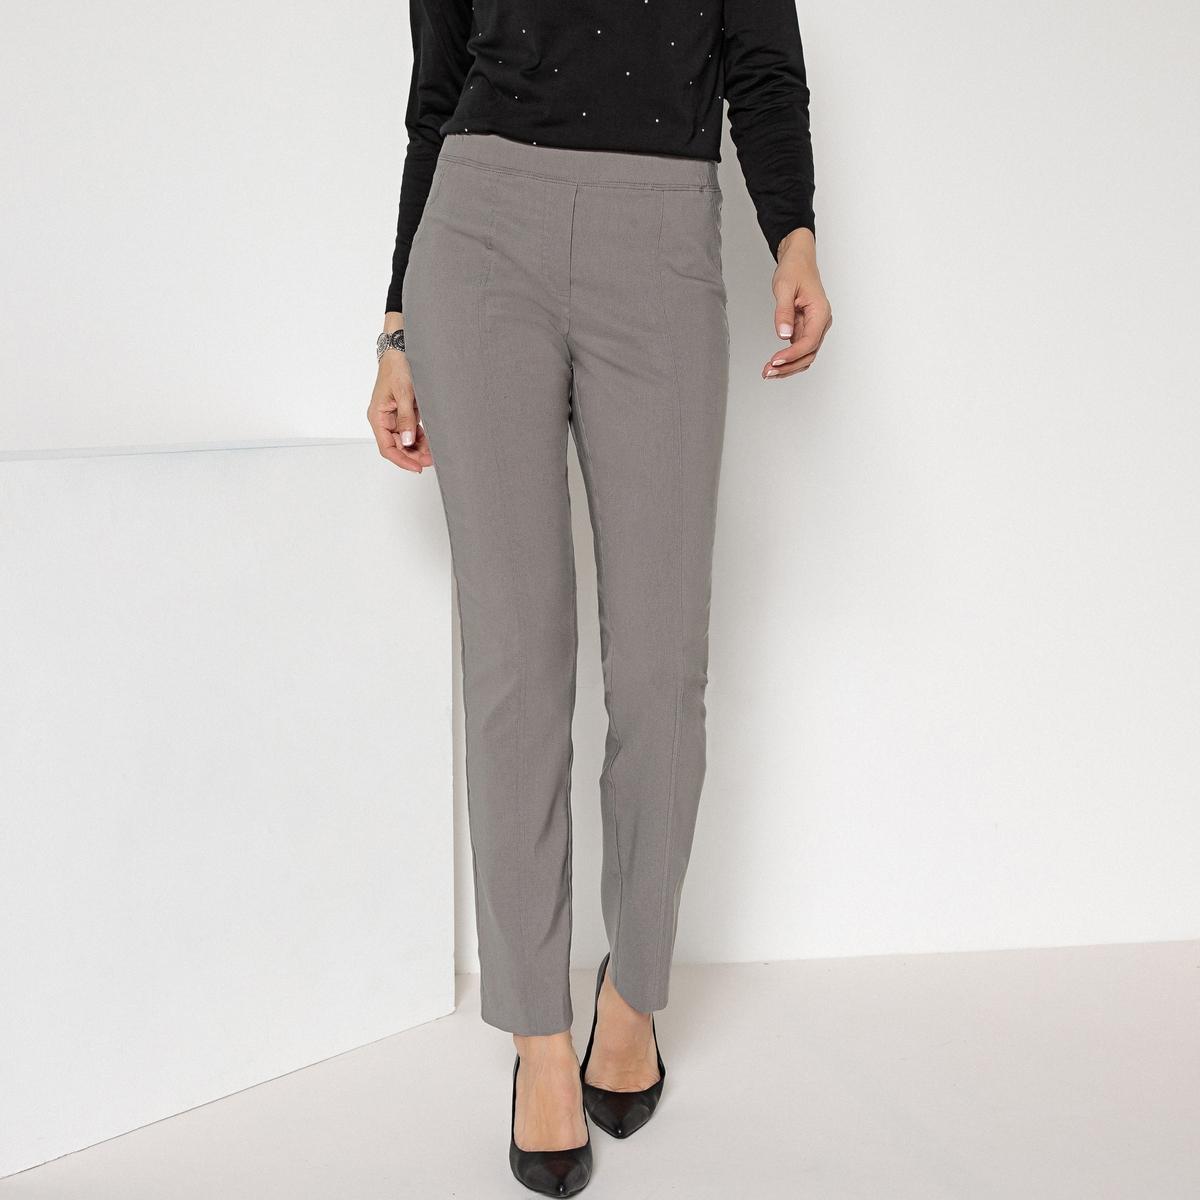 Imagen adicional de producto de Pantalón urbano stretch con cortes estilizadores - Anne weyburn